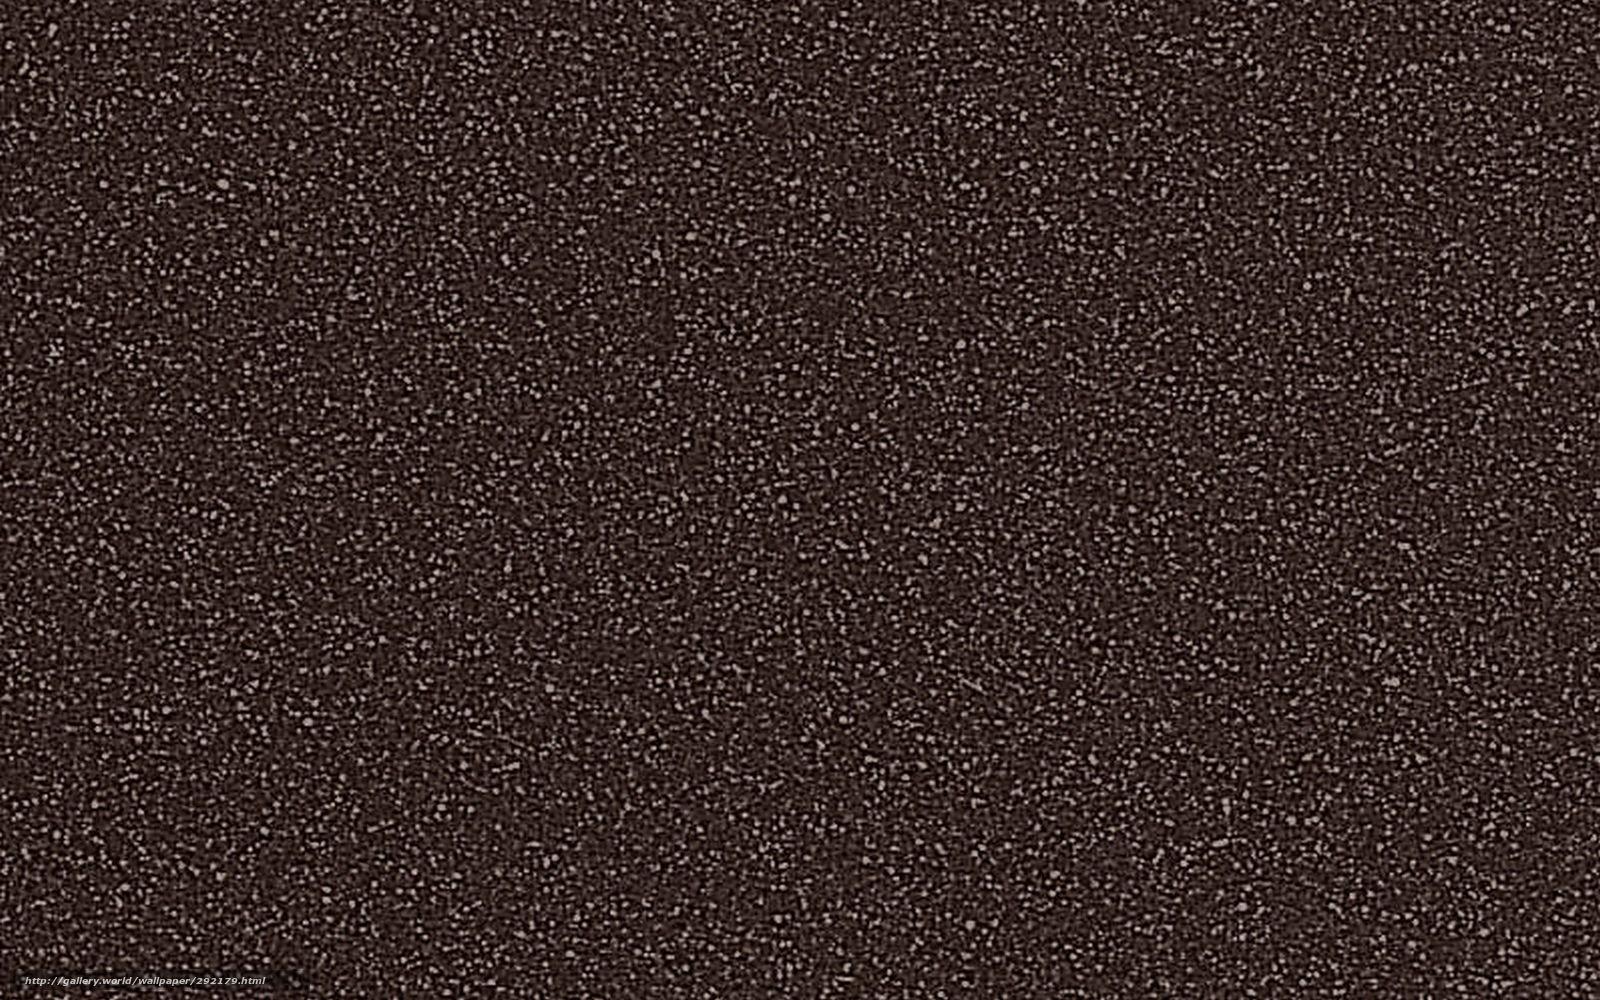 tlcharger fond d 39 ecran voir image insolite papier peint fonds d 39 ecran gratuits pour votre. Black Bedroom Furniture Sets. Home Design Ideas